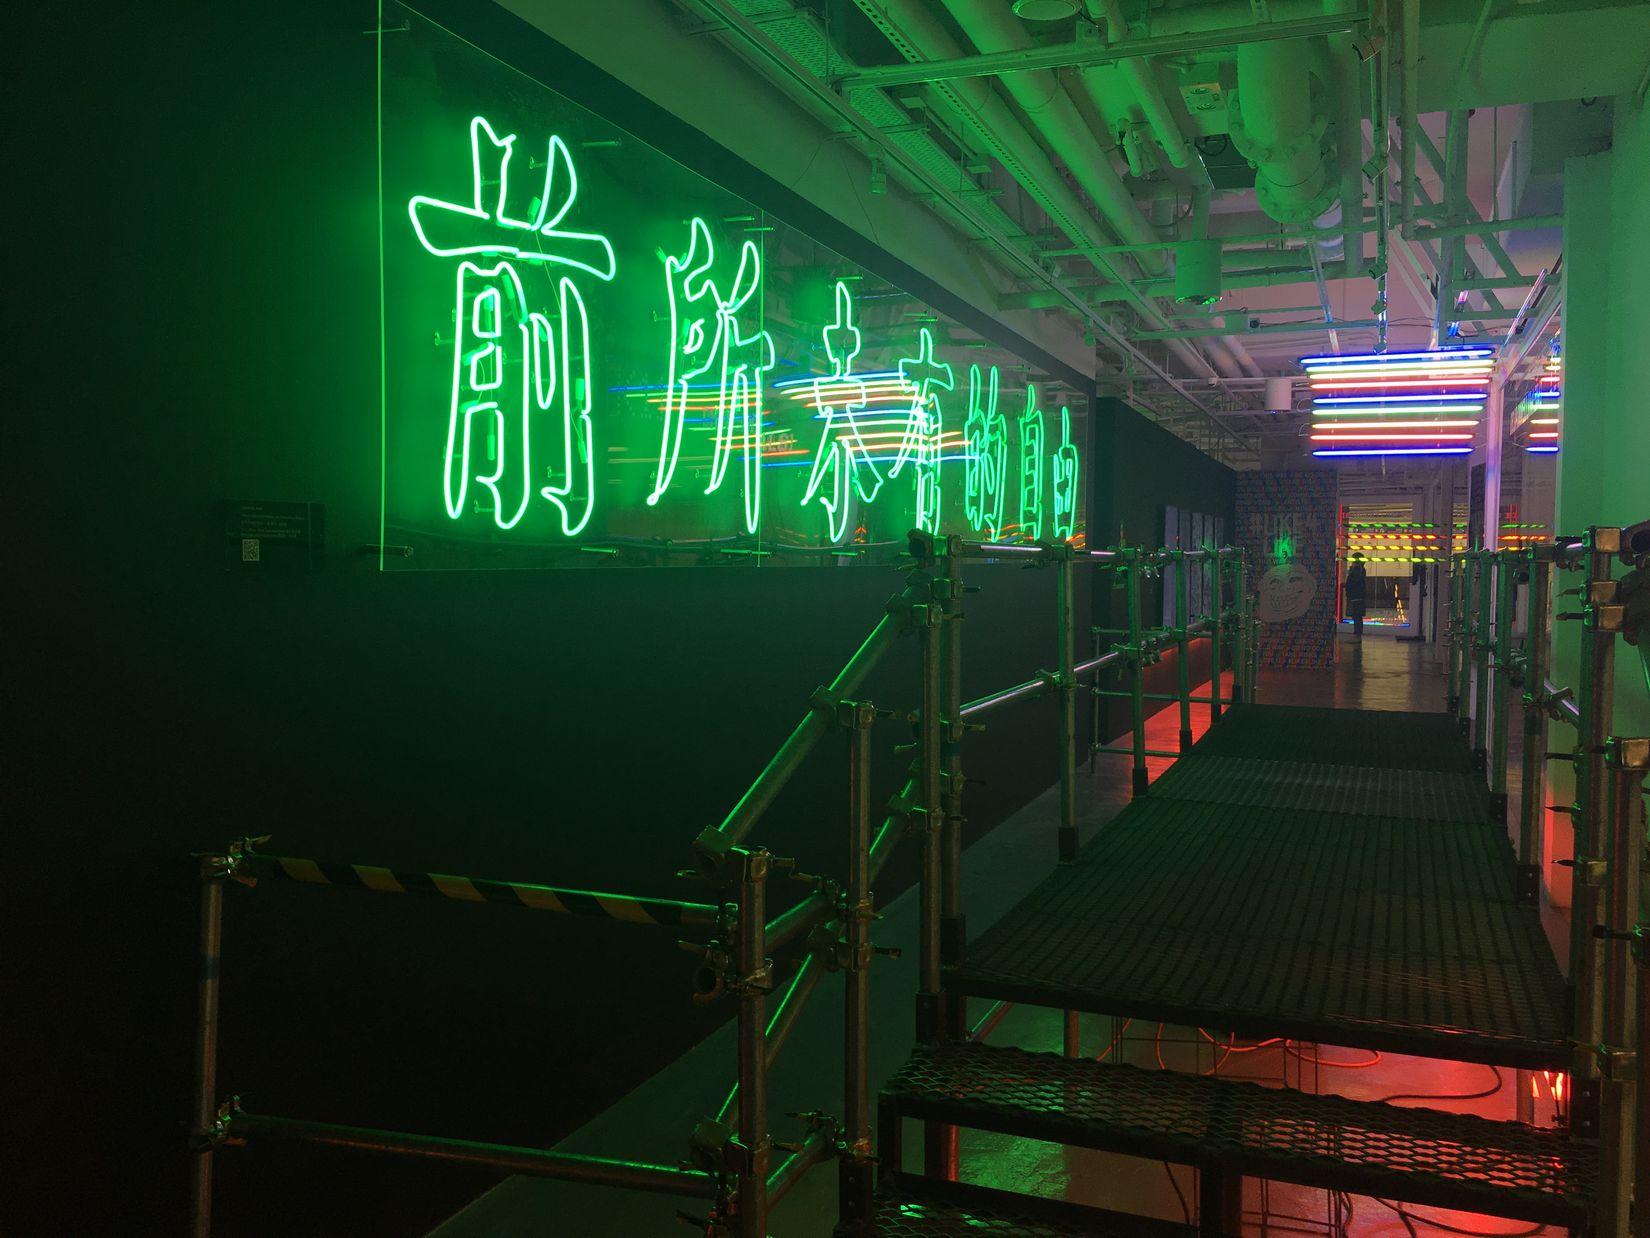 Hong Kong Art Week 2017 - People & Places